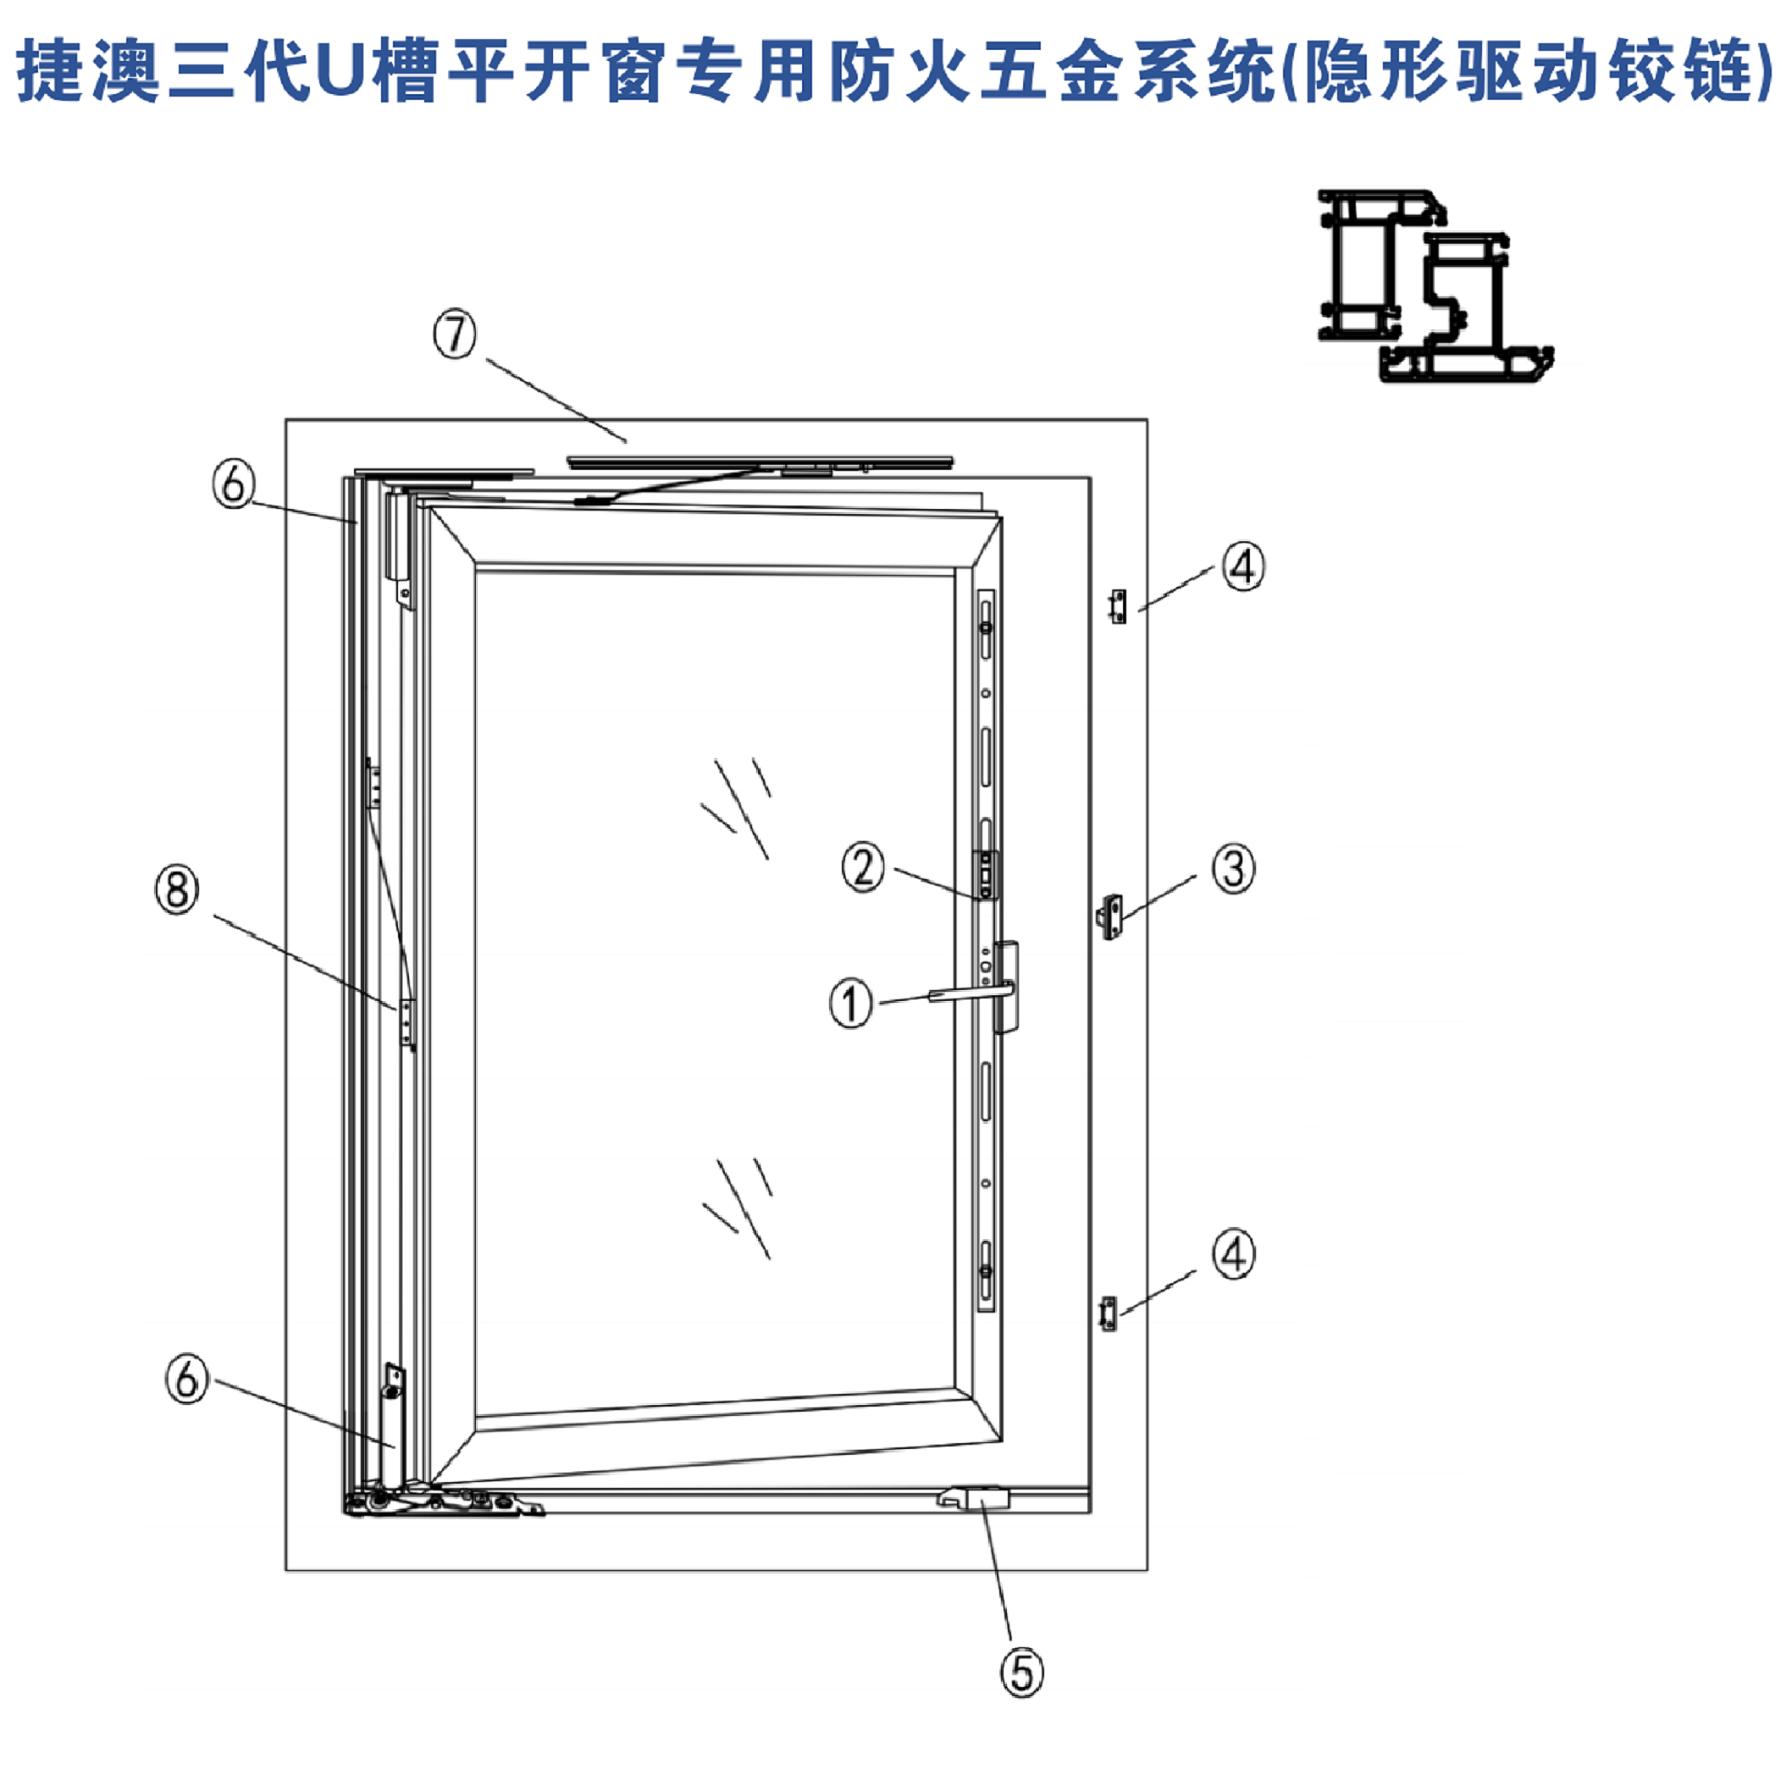 捷澳U槽平開窗專用防火五金系統(隱形驅動鉸鏈)